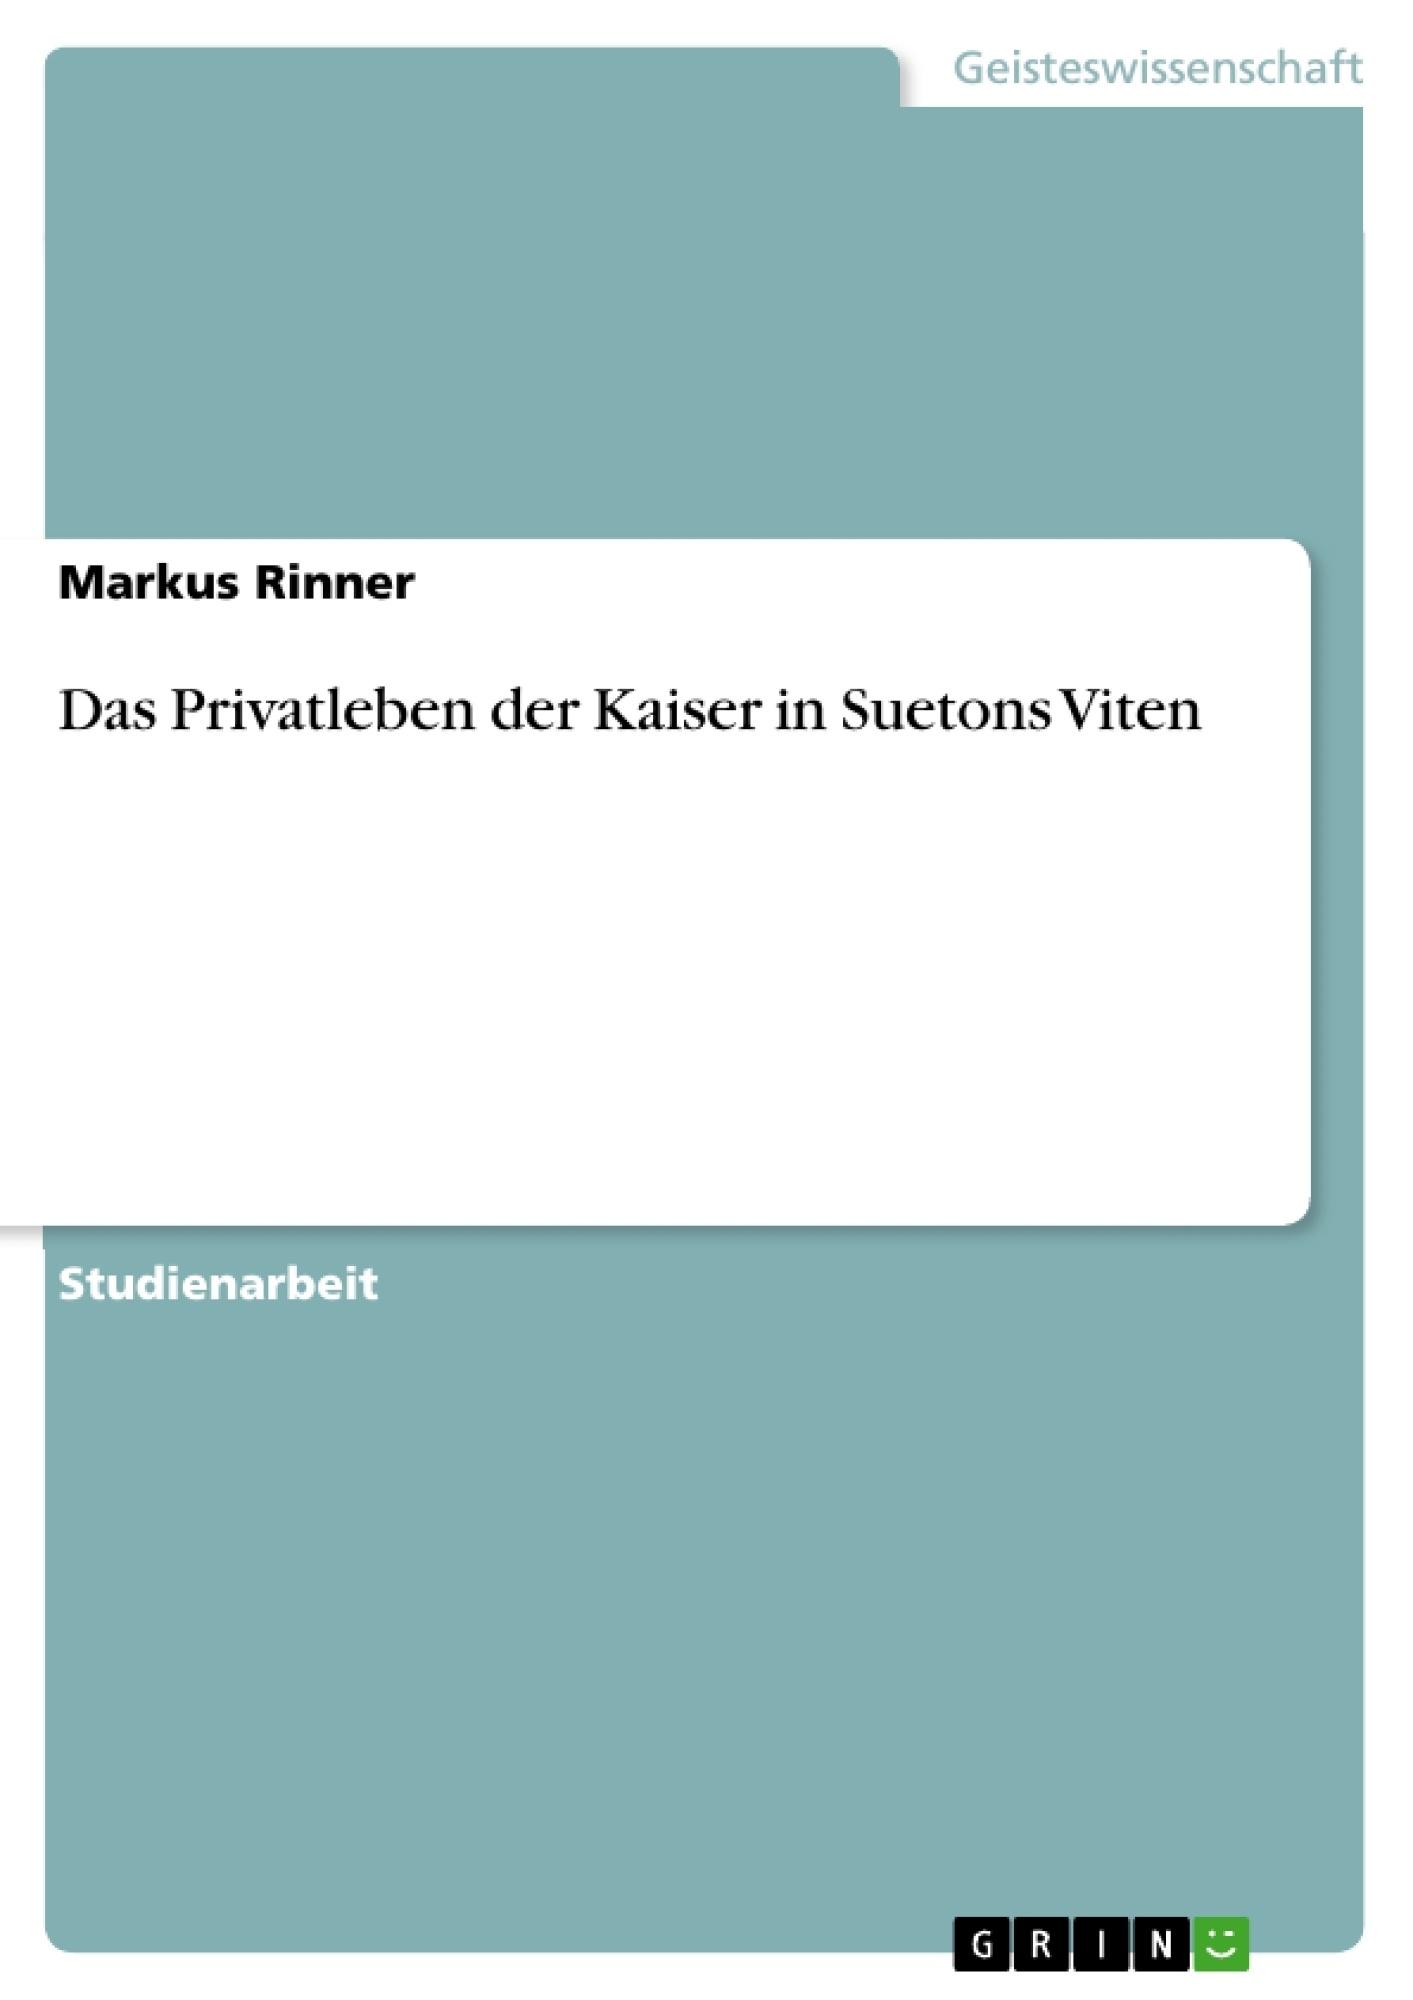 Titel: Das Privatleben der Kaiser in Suetons Viten